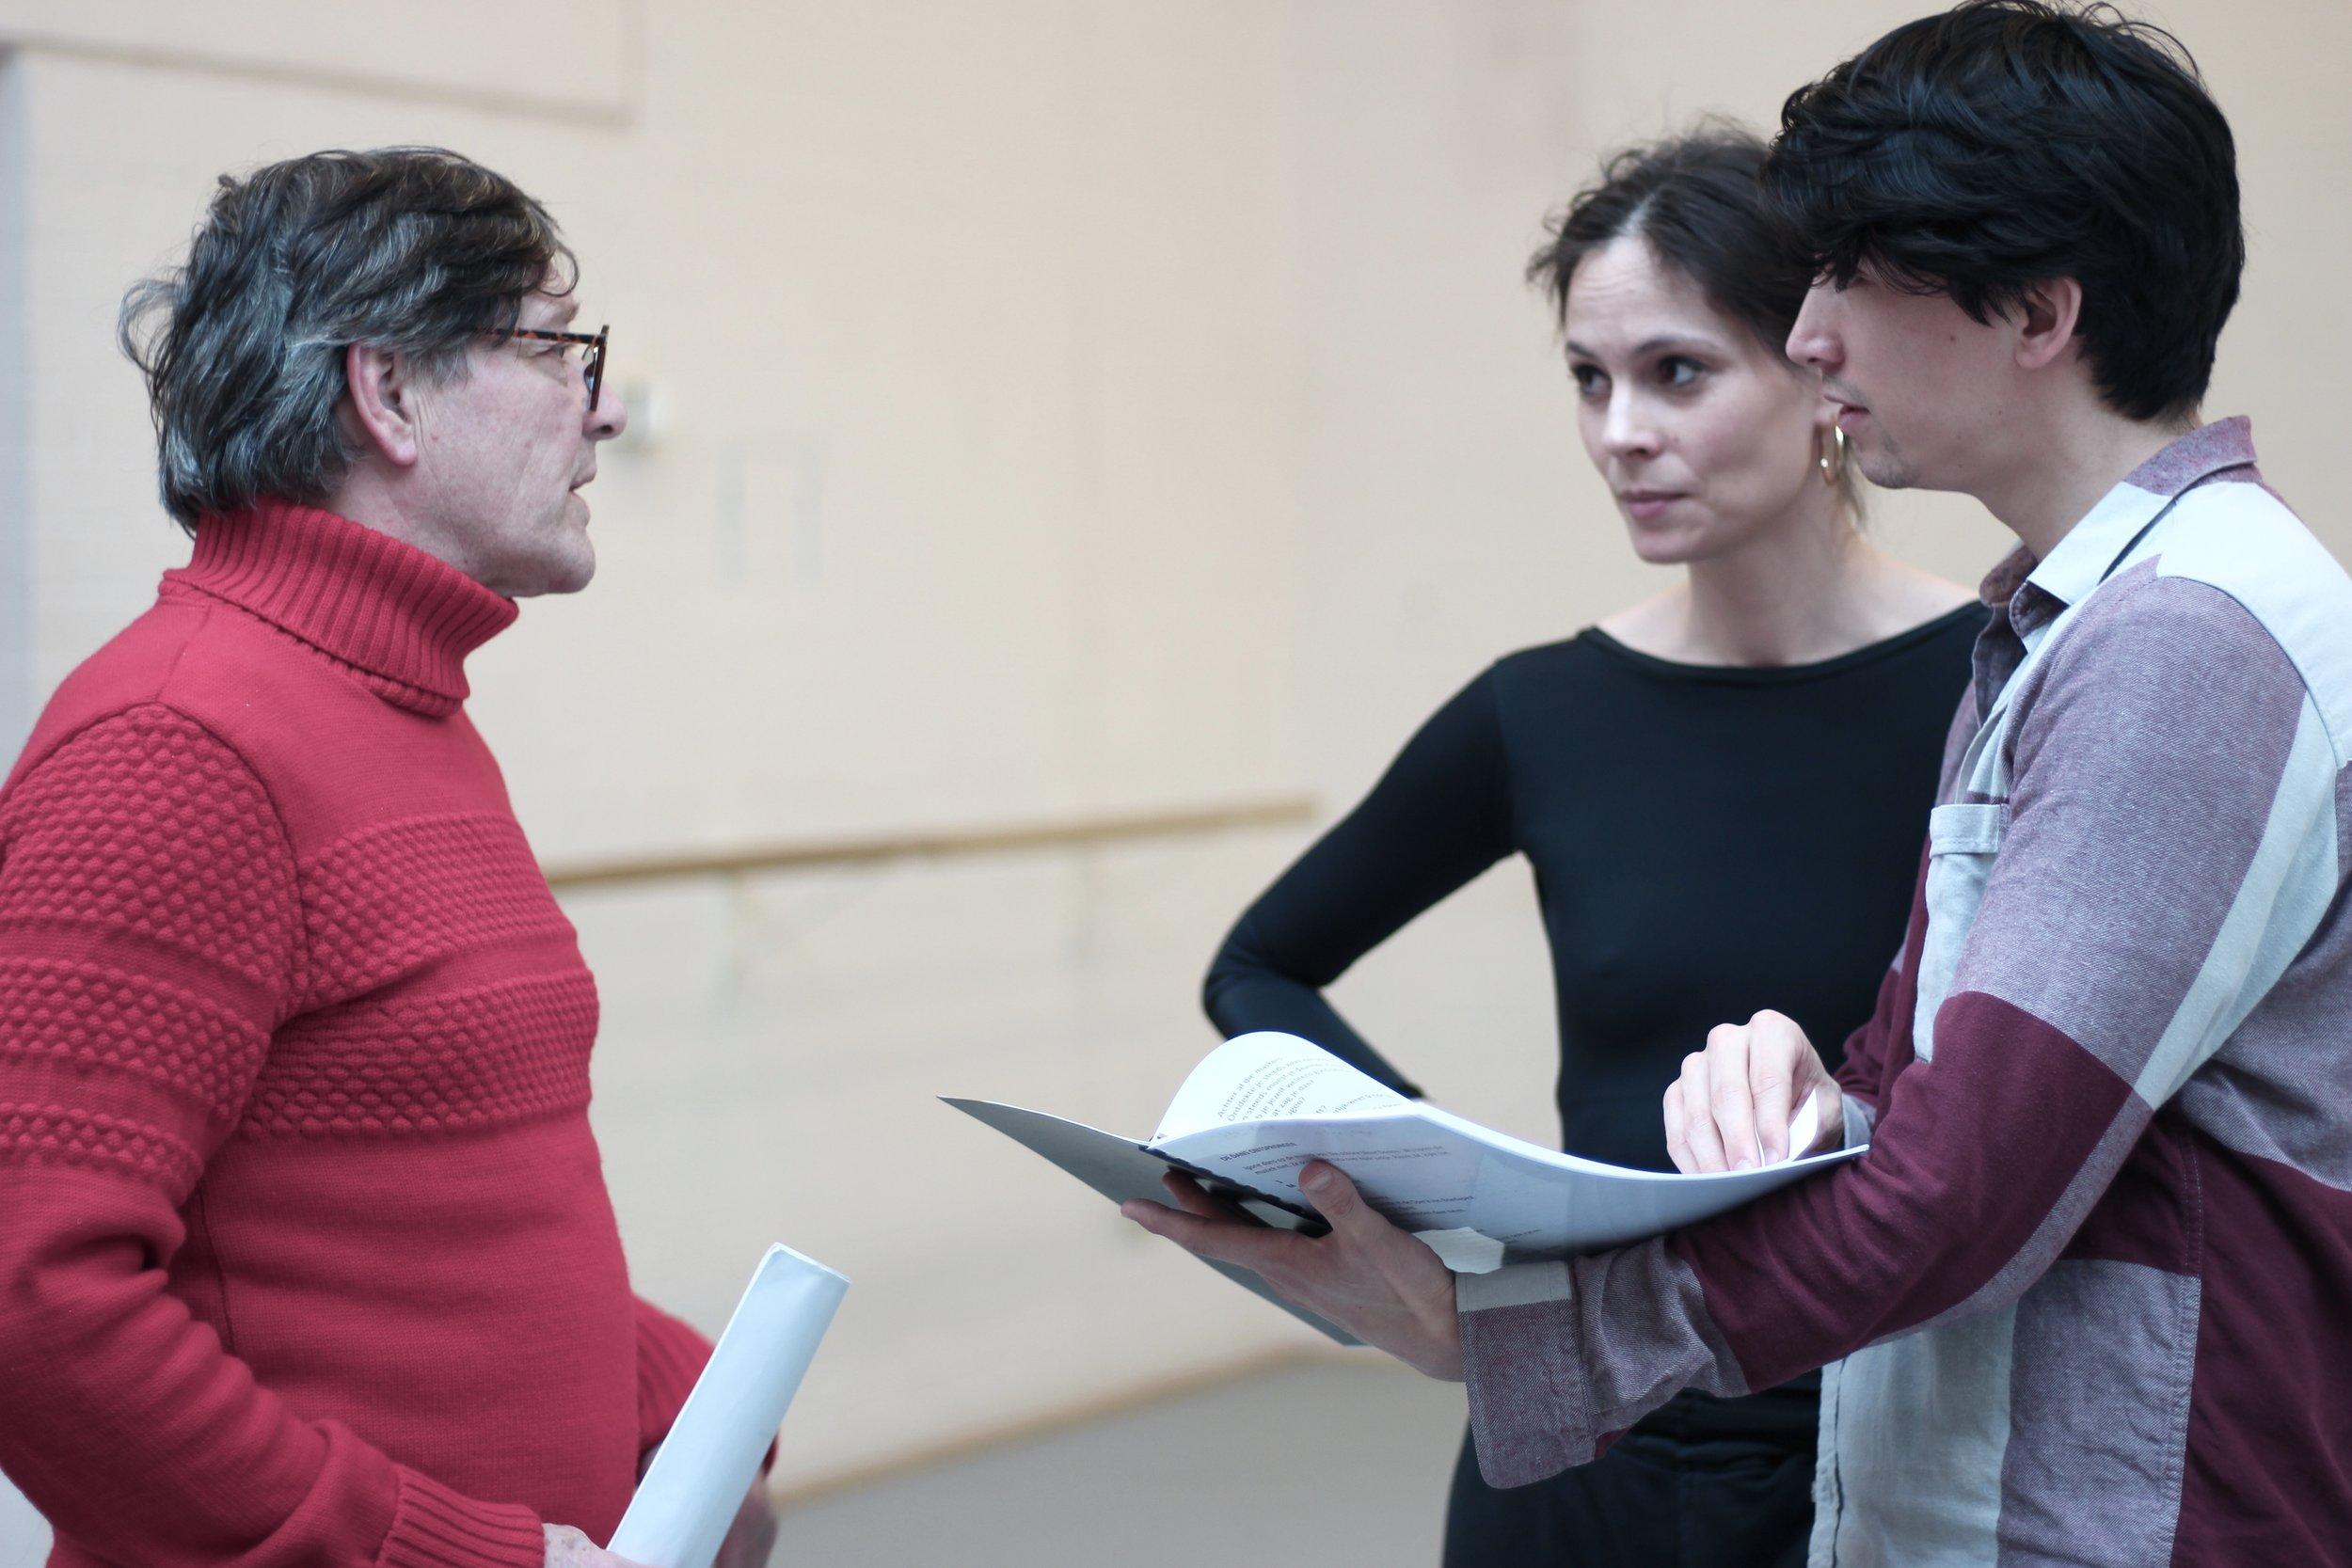 Pierre Bokma & Igone de Jongh in rehearsal for De Dans Ontsprongen / Theater Na de Dam. Photograph: ©Juliette de Groot